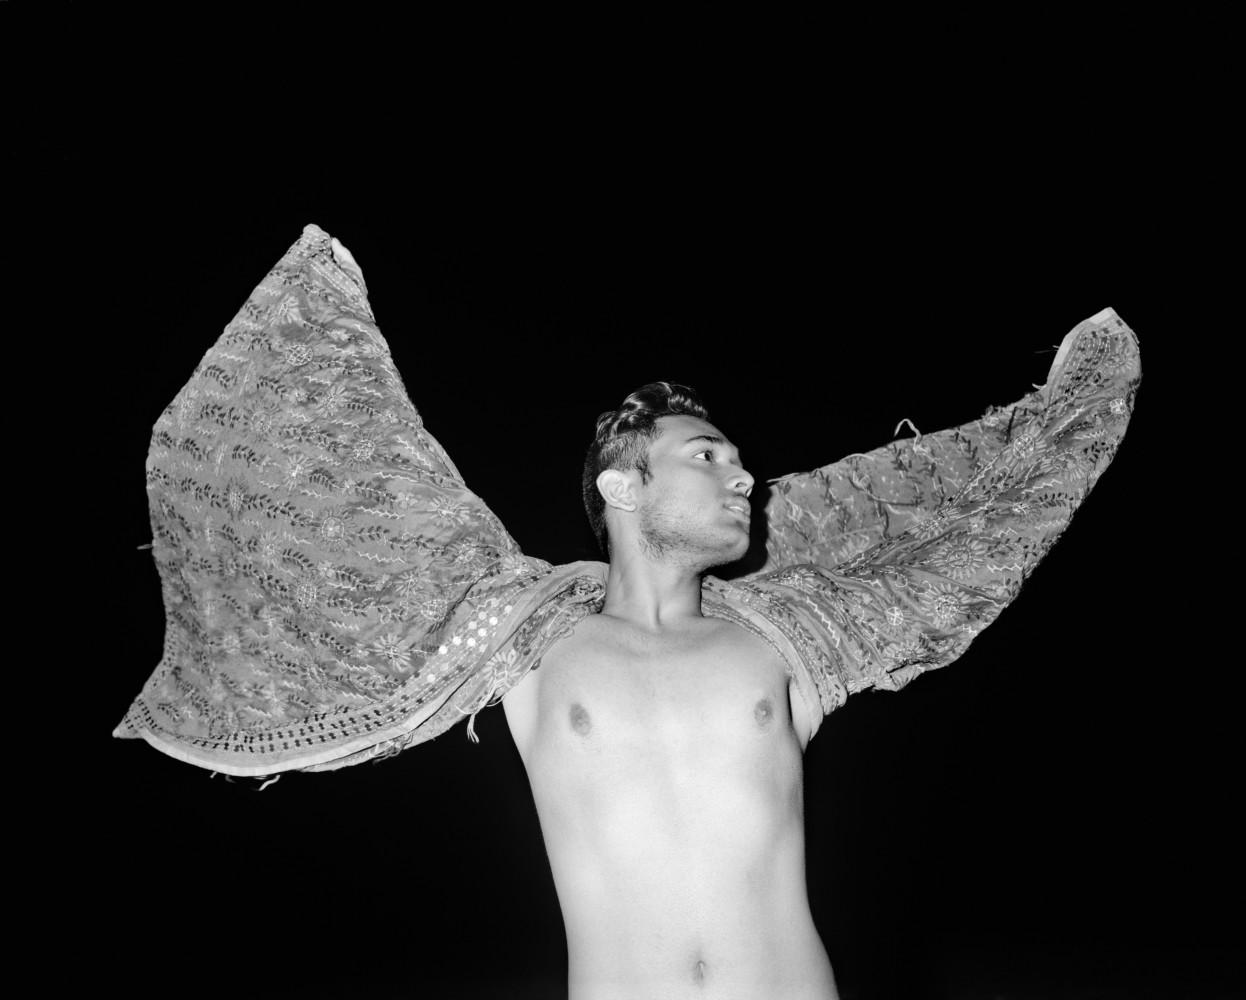 In Private/Mumbai • Olivia Arthur • Magnum Photos